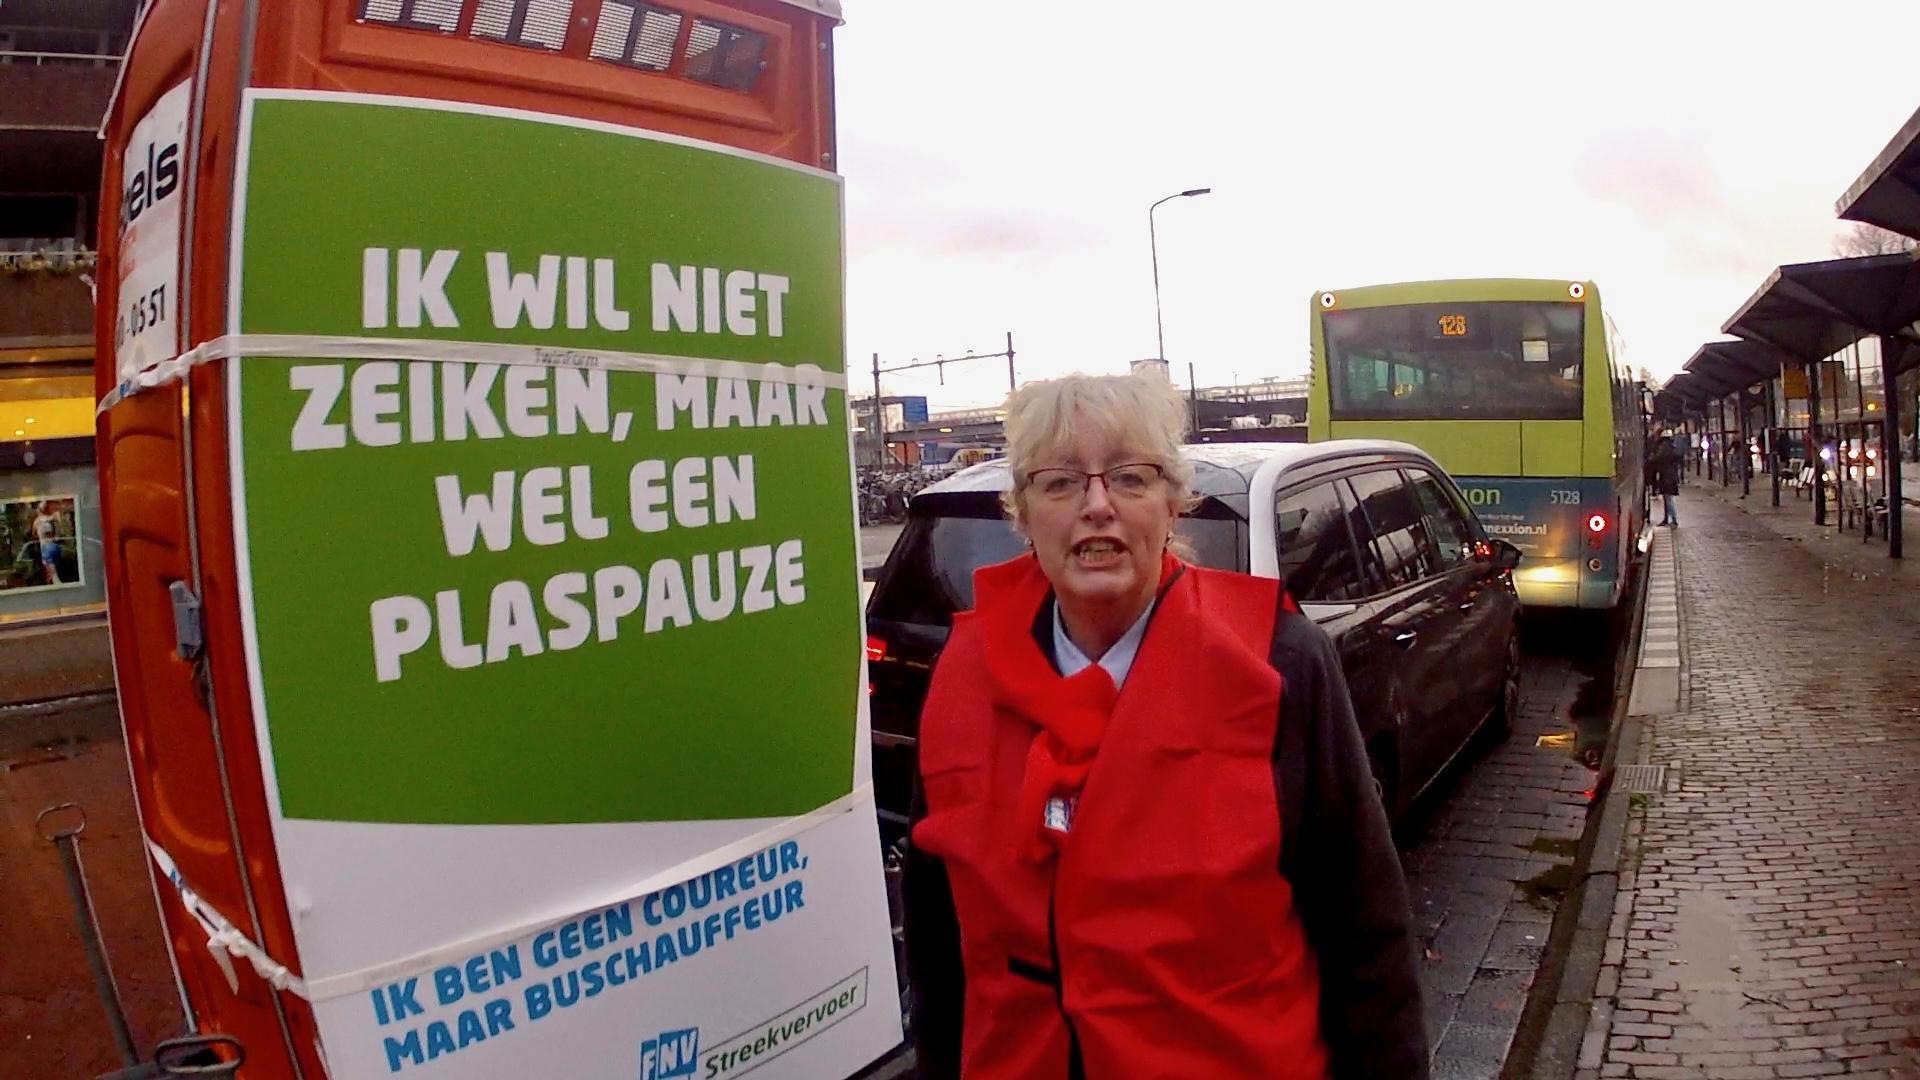 Actie buschauffeurs voor plaspauze: 'Dan drink je maar minder, zeiden ze' [video]